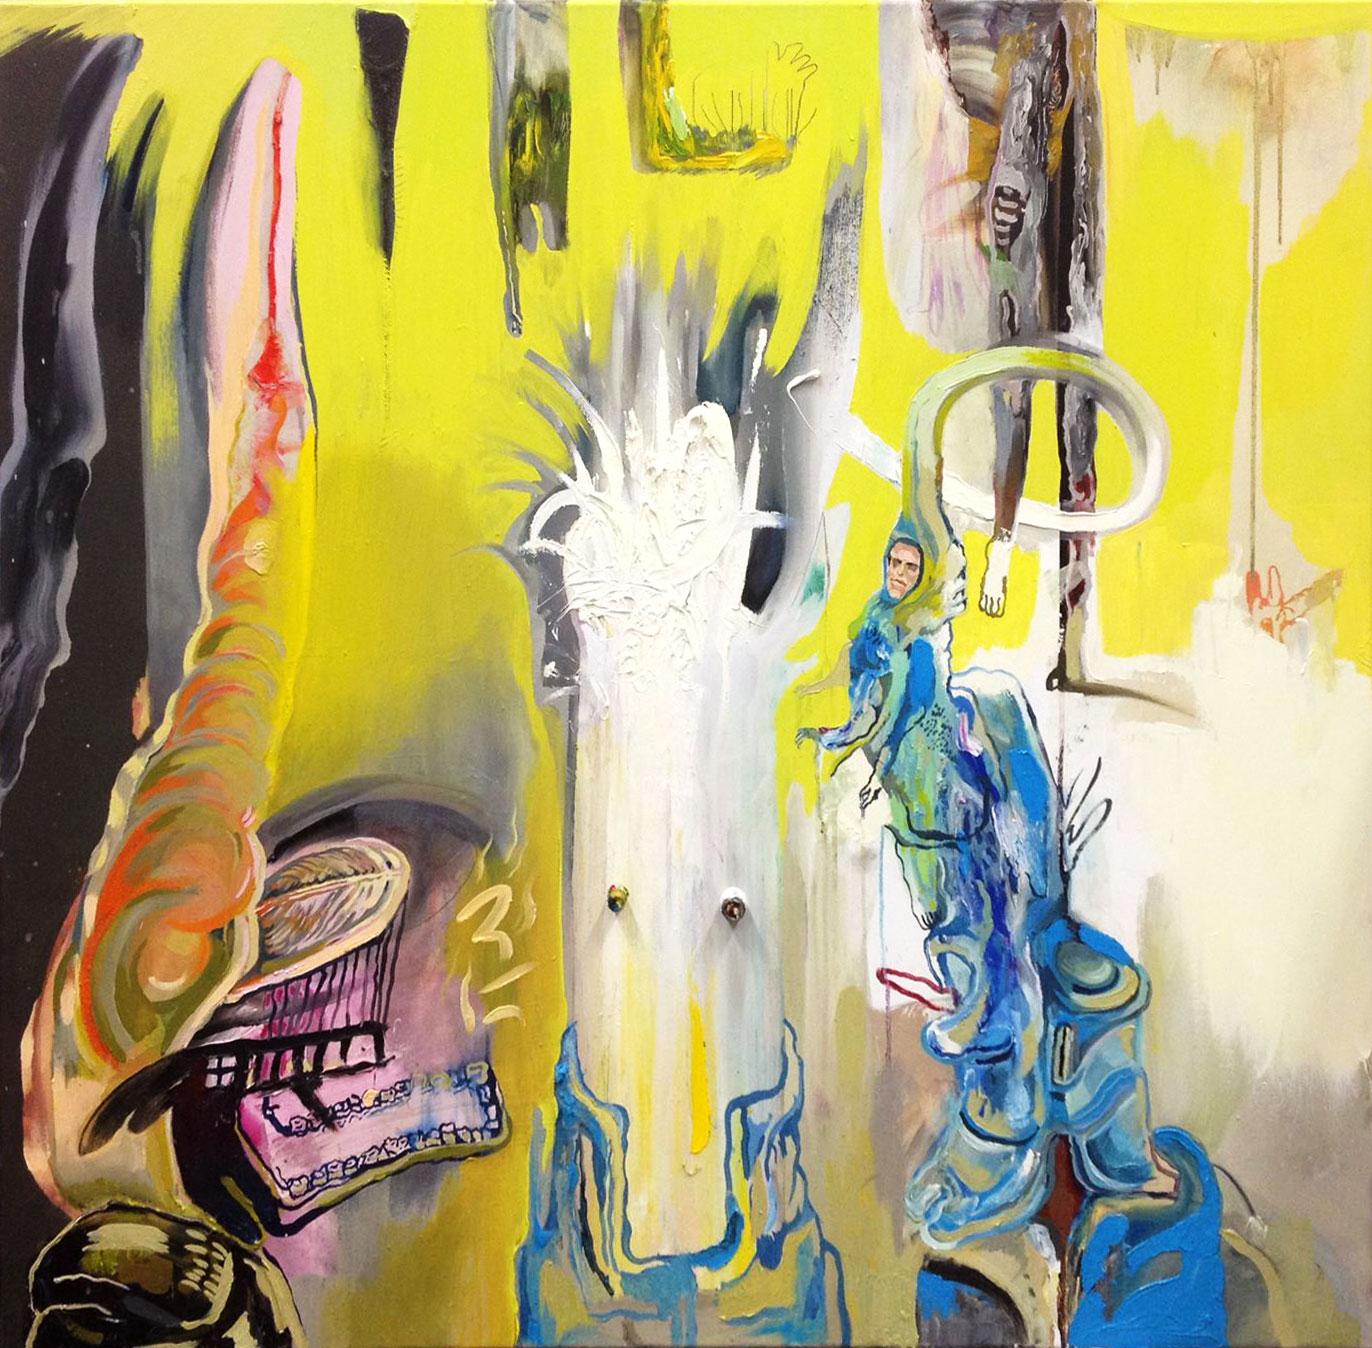 malerier, farverige, ekspressionistiske, stemninger, bevægelse, blå, grå, hvide, gule,  bomuldslærred, tusch, olie, abstrakte-former, ekspressionisme, ansigter, Køb original kunst af den højeste kvalitet. Malerier, tegninger, limited edition kunsttryk & plakater af dygtige kunstnere.